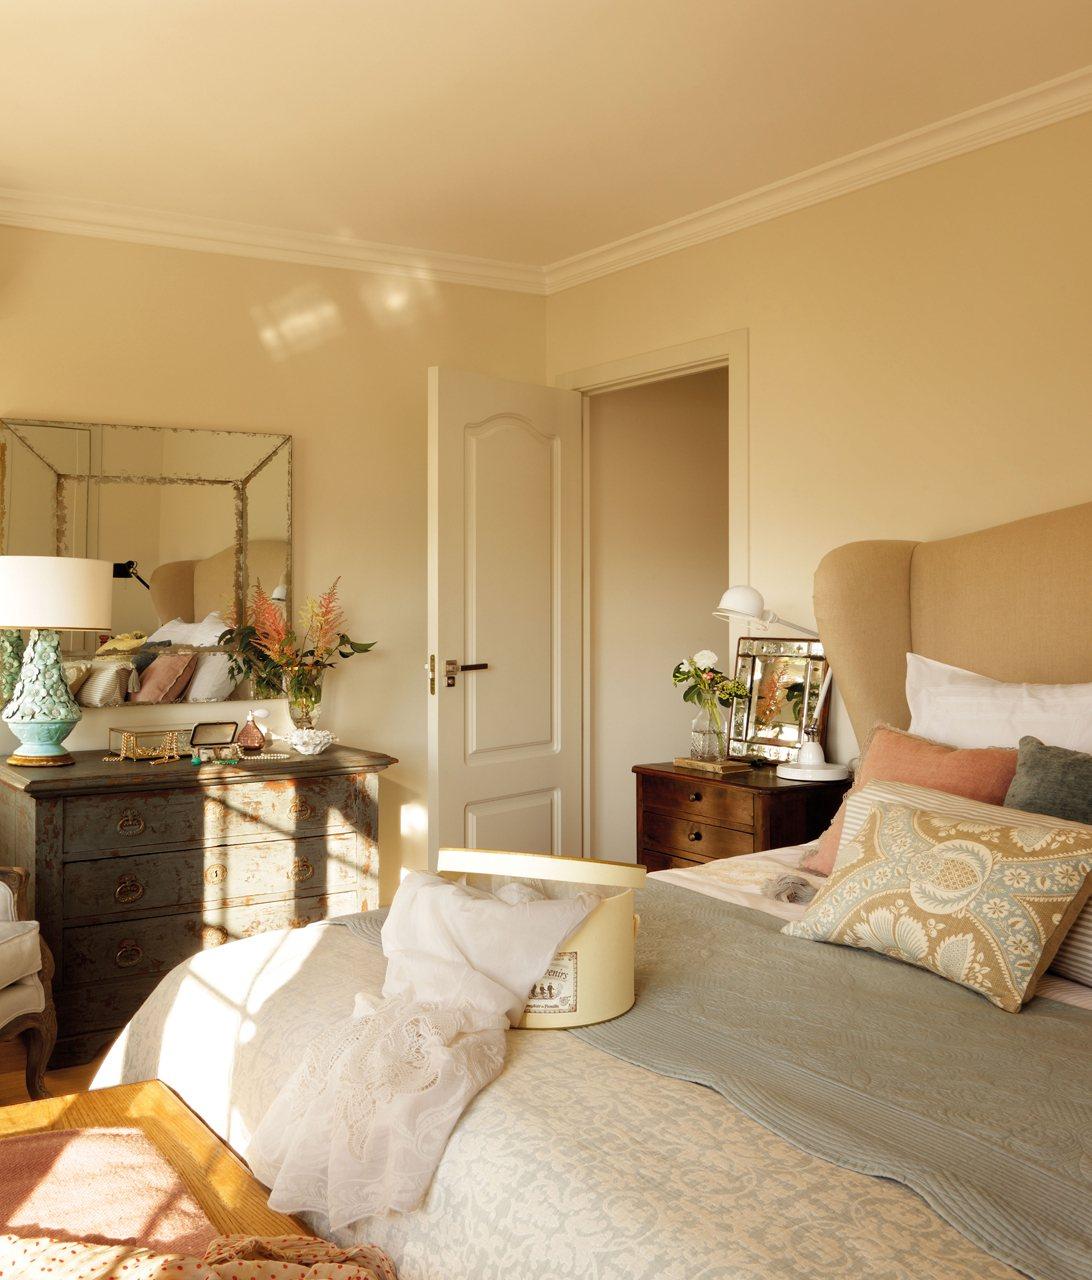 Primer piso de la interiorista beatriz silveira - Dormitorio principal ...